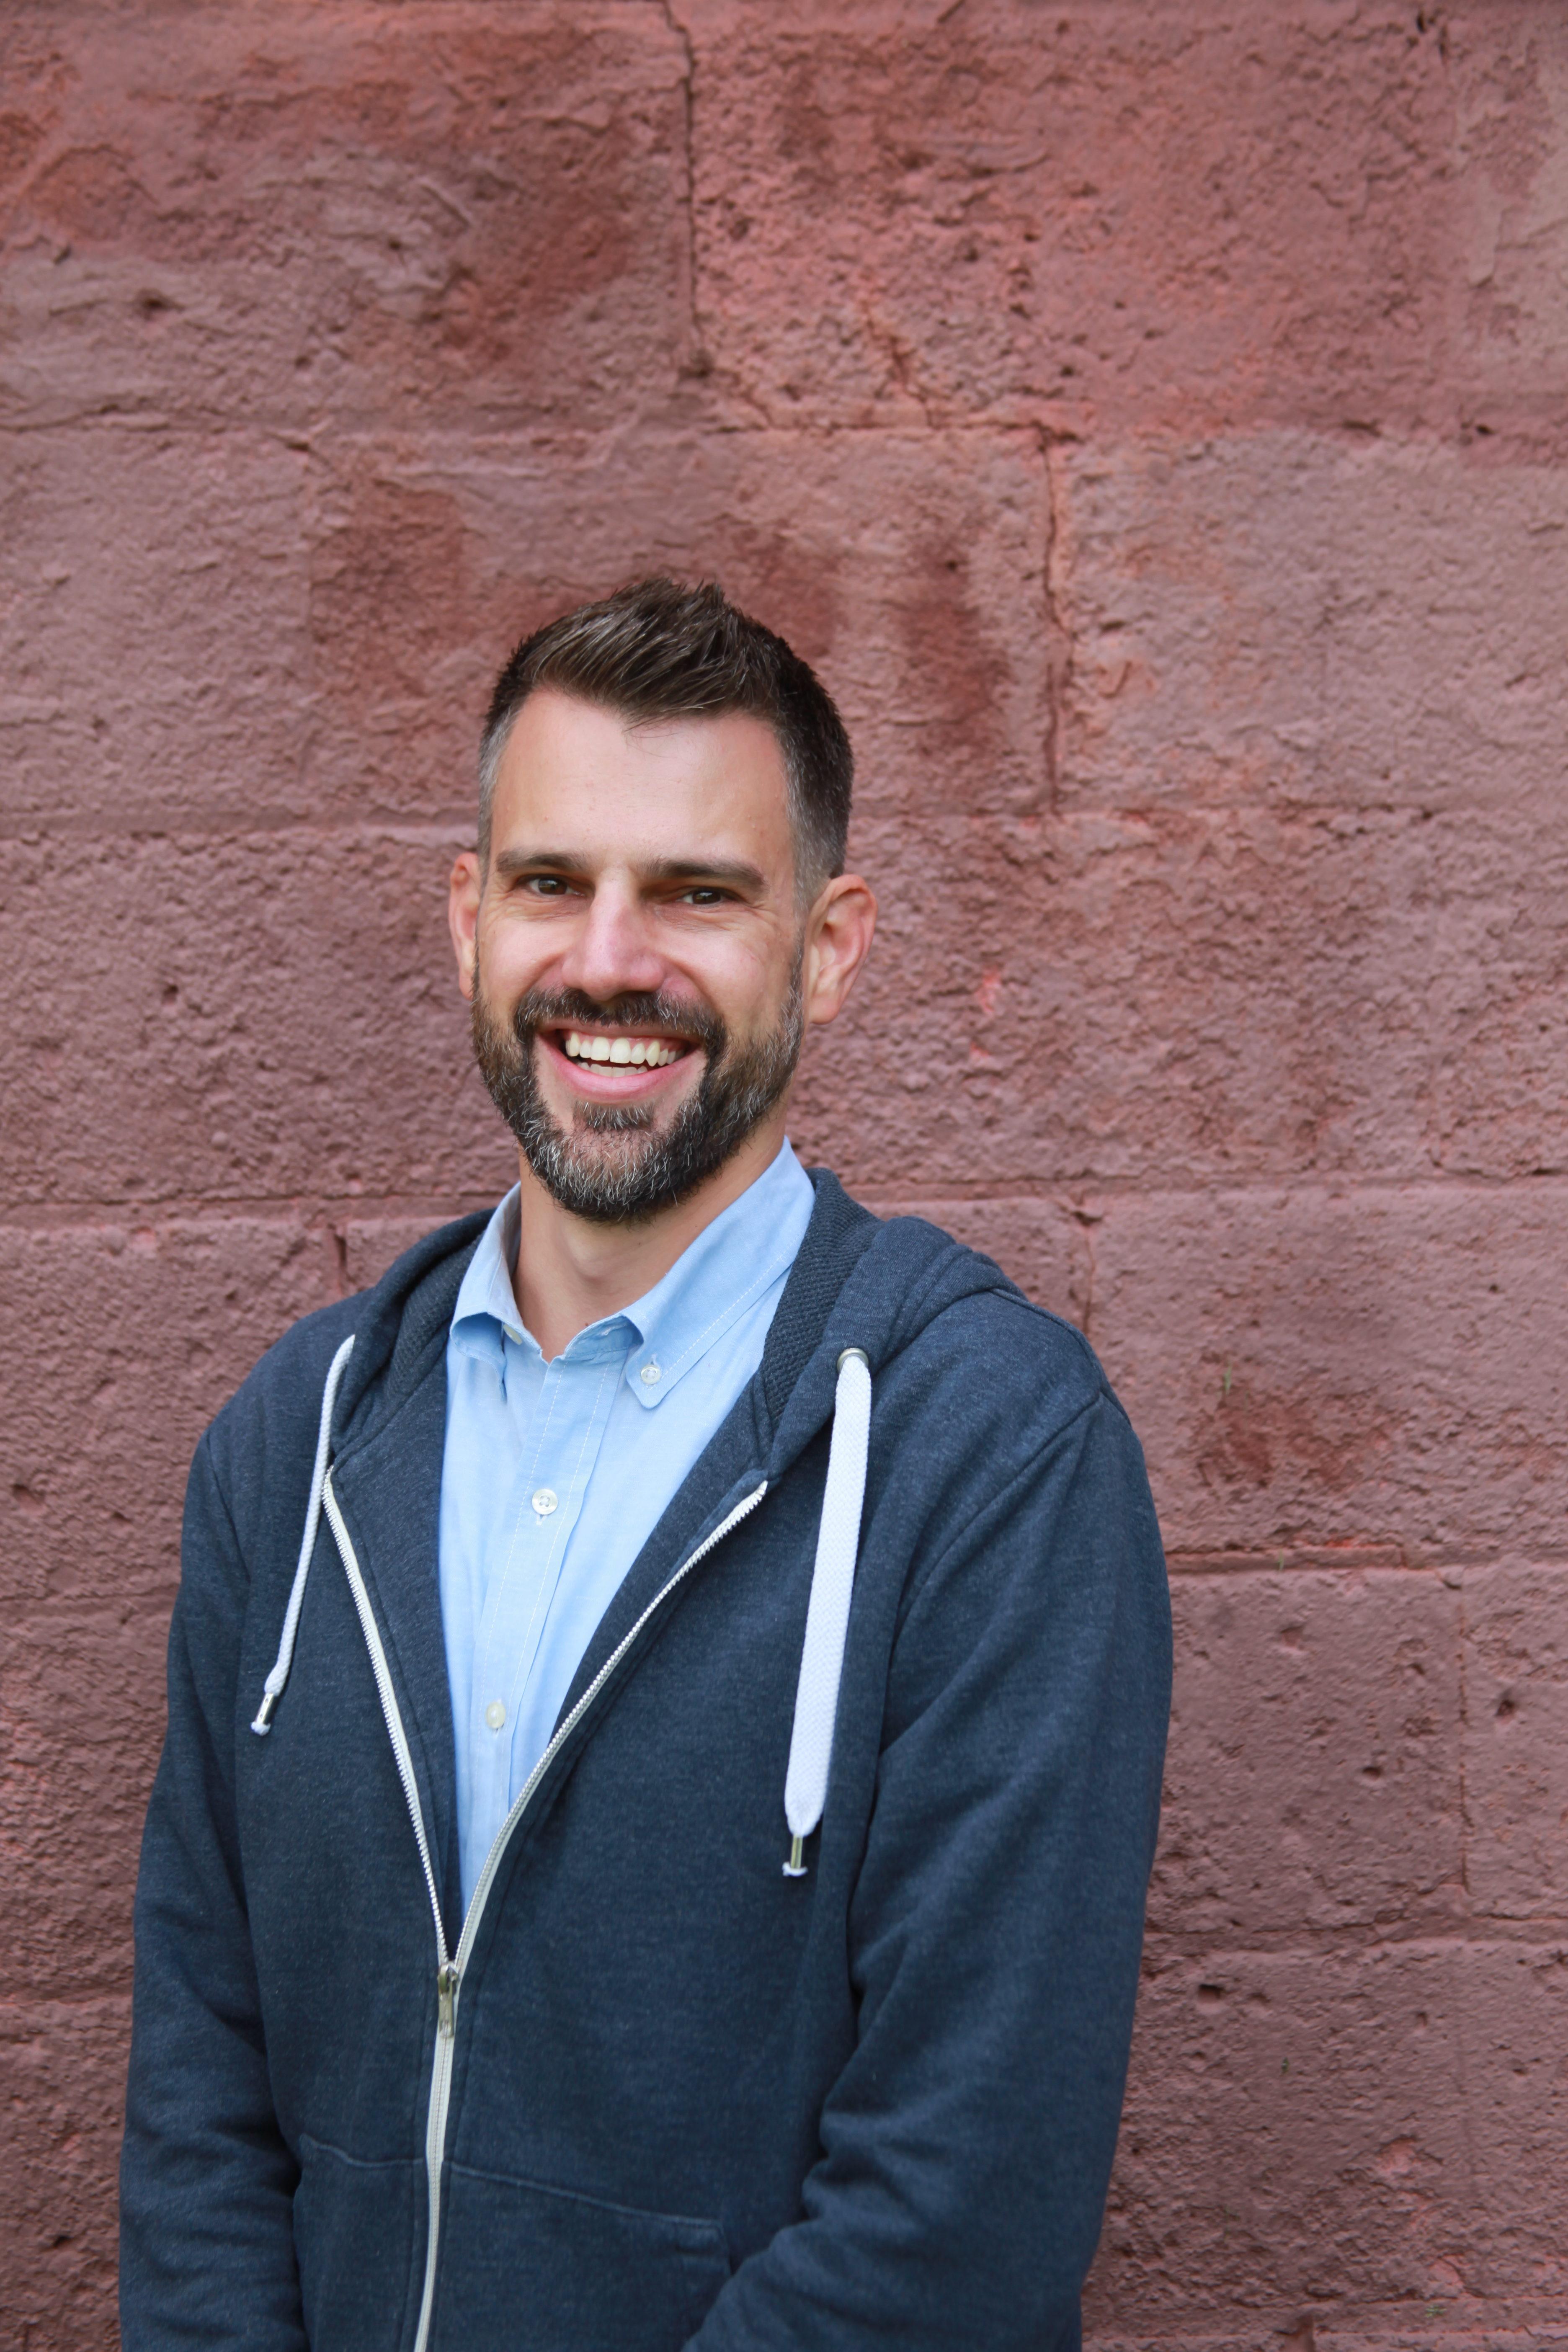 Photo of Jake Miller